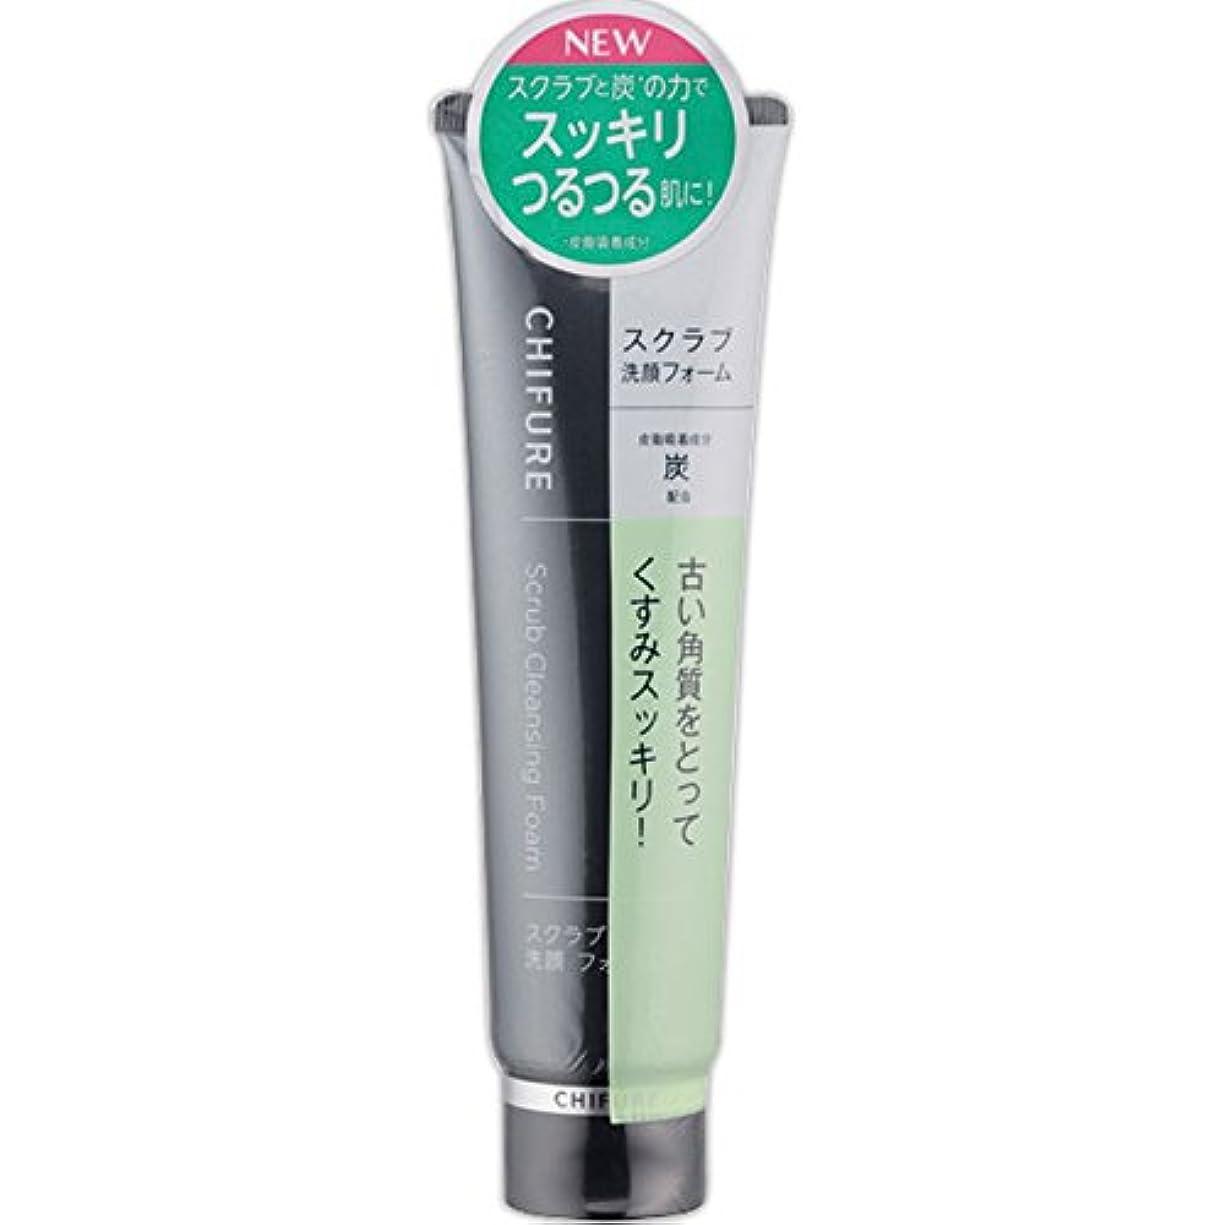 の量サーキュレーション臭いちふれ化粧品 スクラブ 洗顔 フォーム スクラブ洗顔フォーム